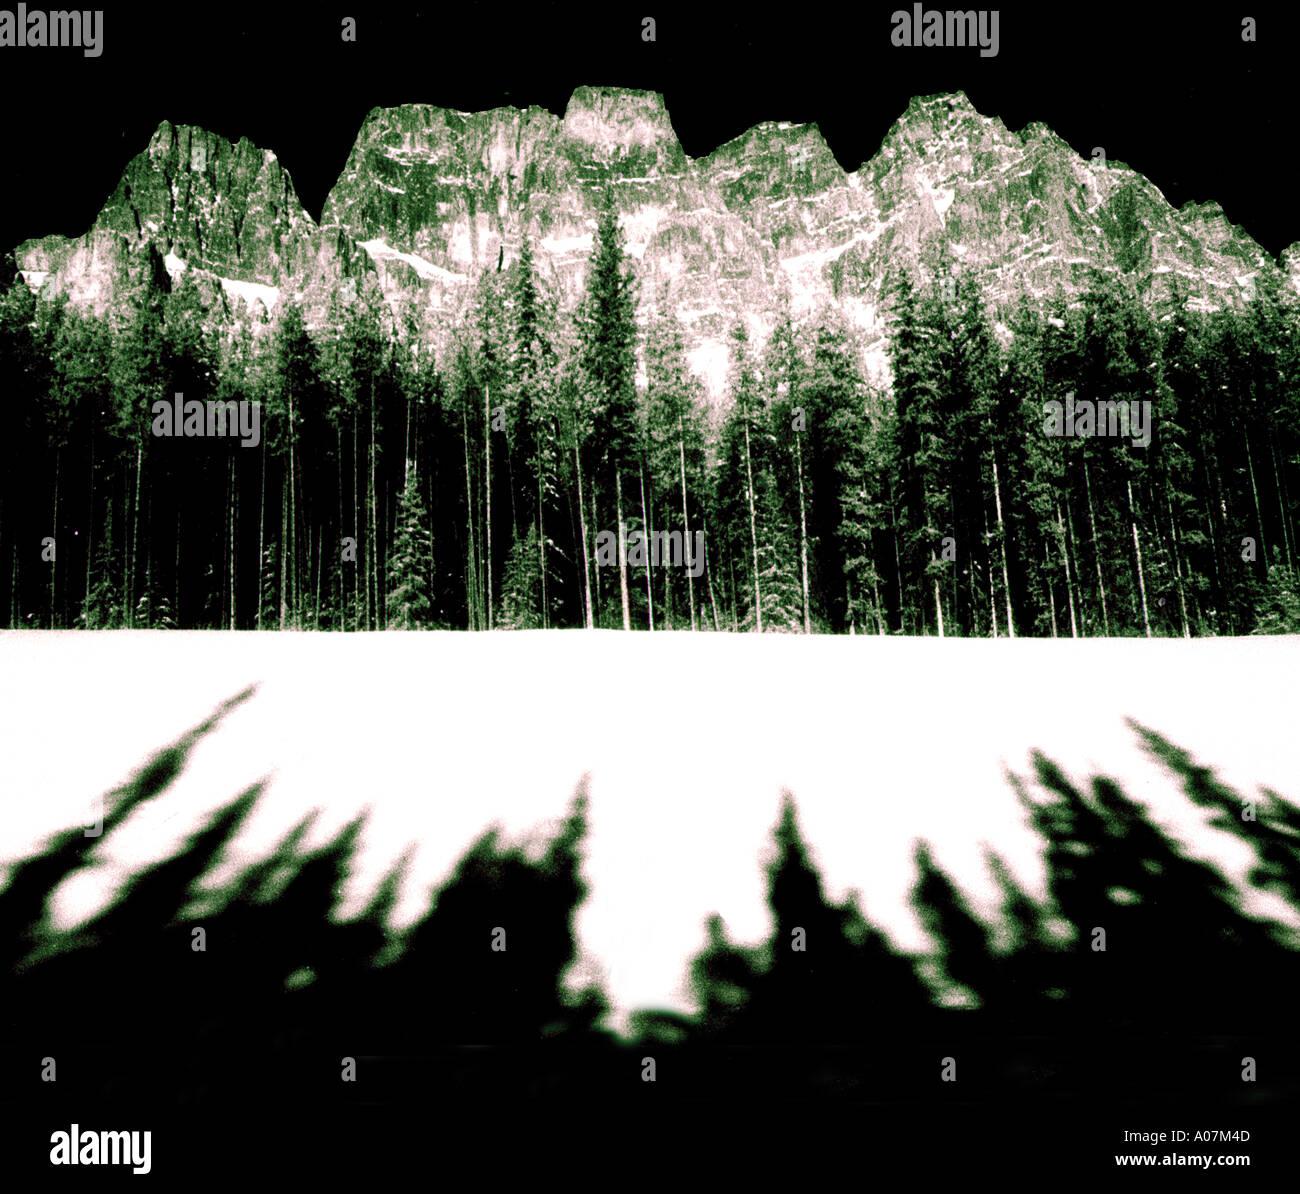 Herausforderung, Fußabdruck, Horizontal, Natur, schwarz und weiß, Frankreich, Baum, Tag, Schnee, Sanddüne, Stockbild